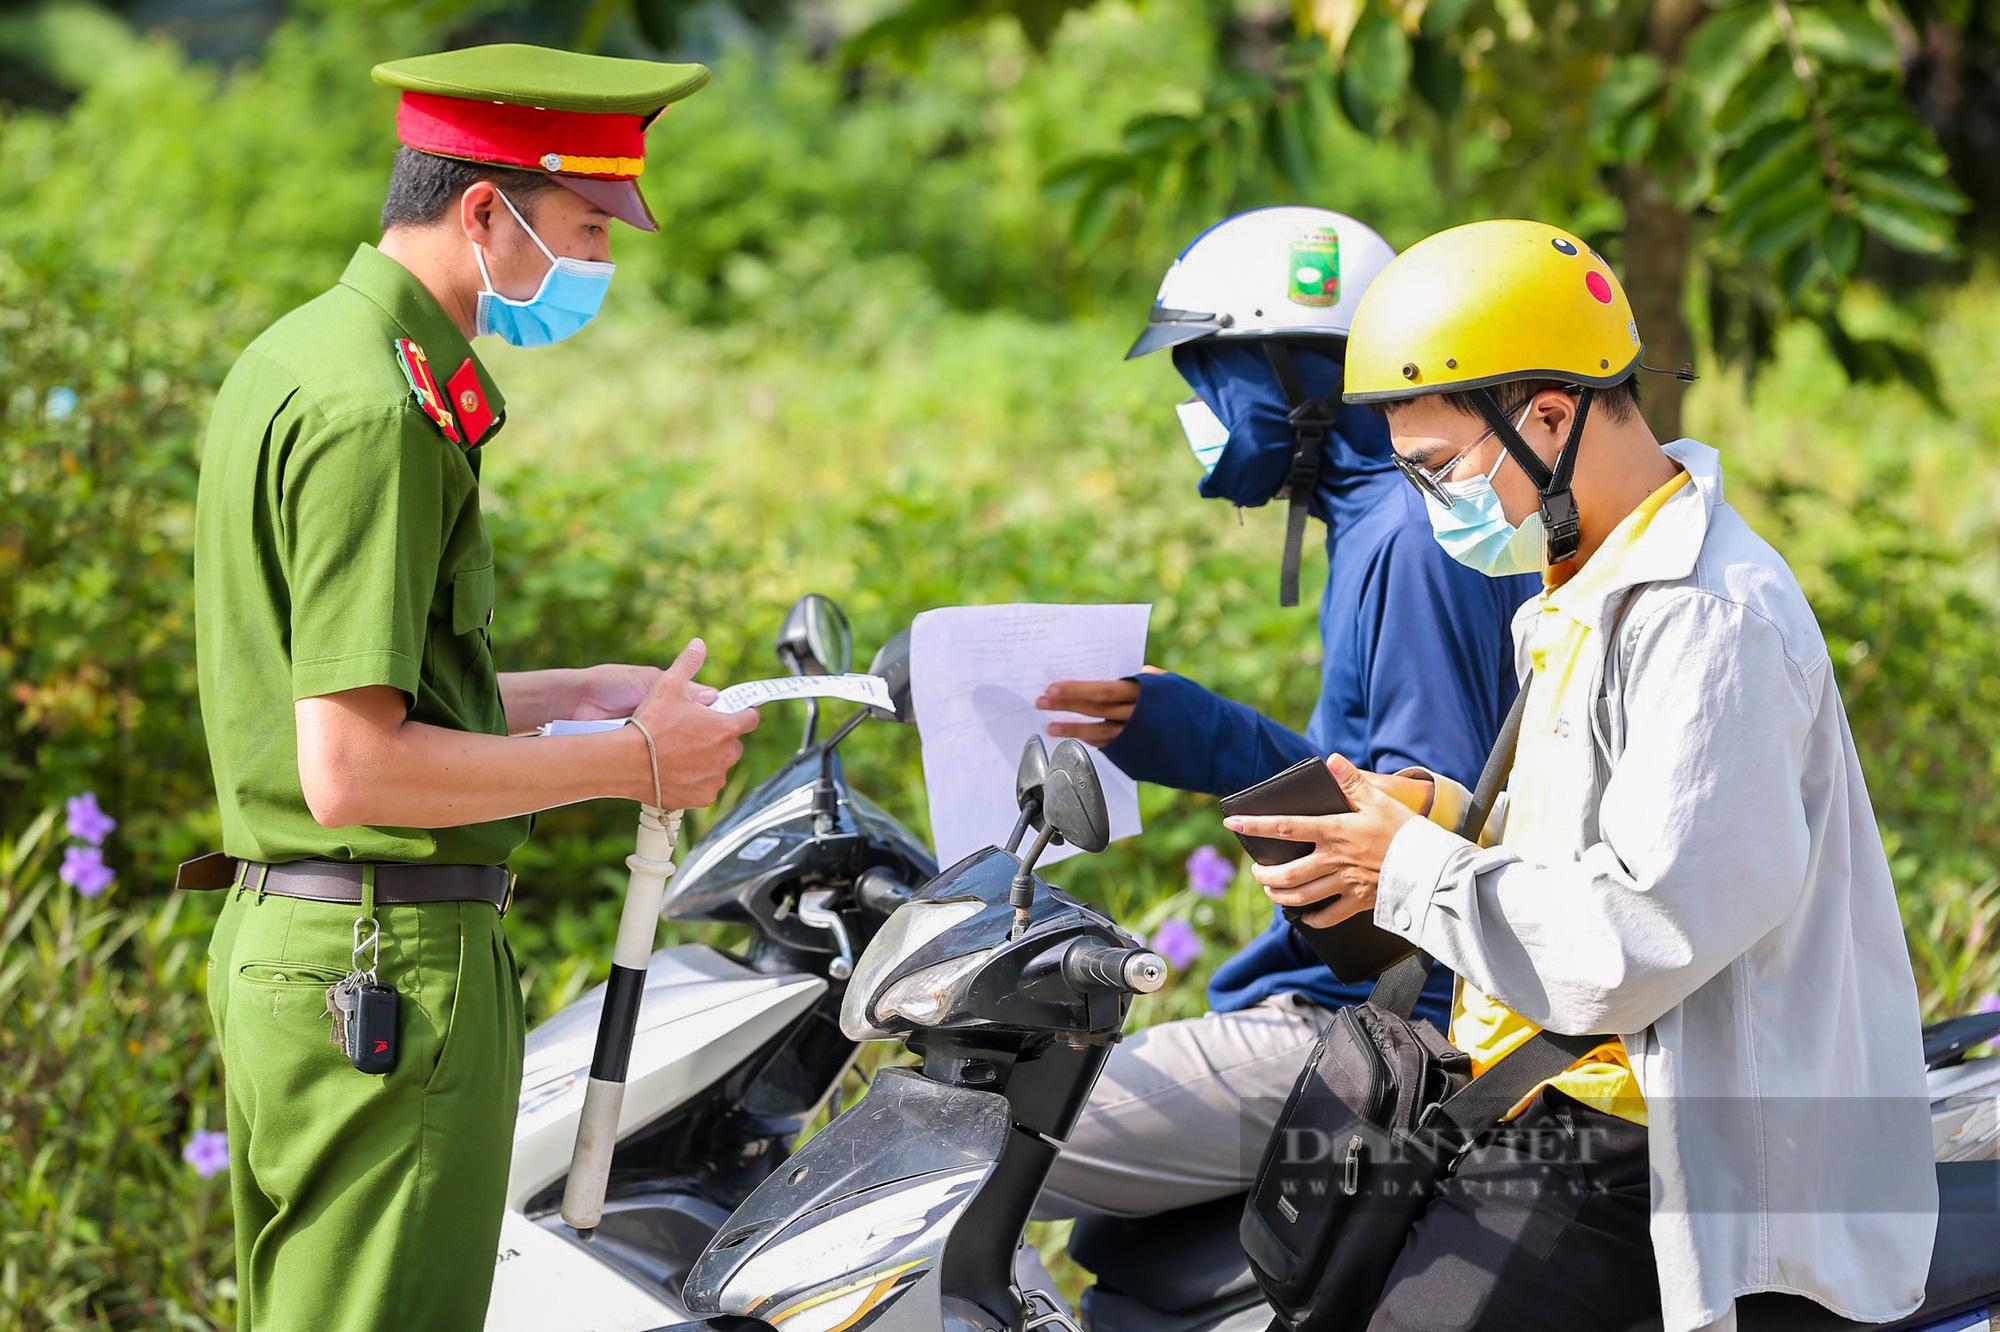 """Hà Nội: Để tránh bị phạt 3 triệu đồng khi ra đường, người dân nhất định phải """"bỏ túi"""" điều này - Ảnh 1."""